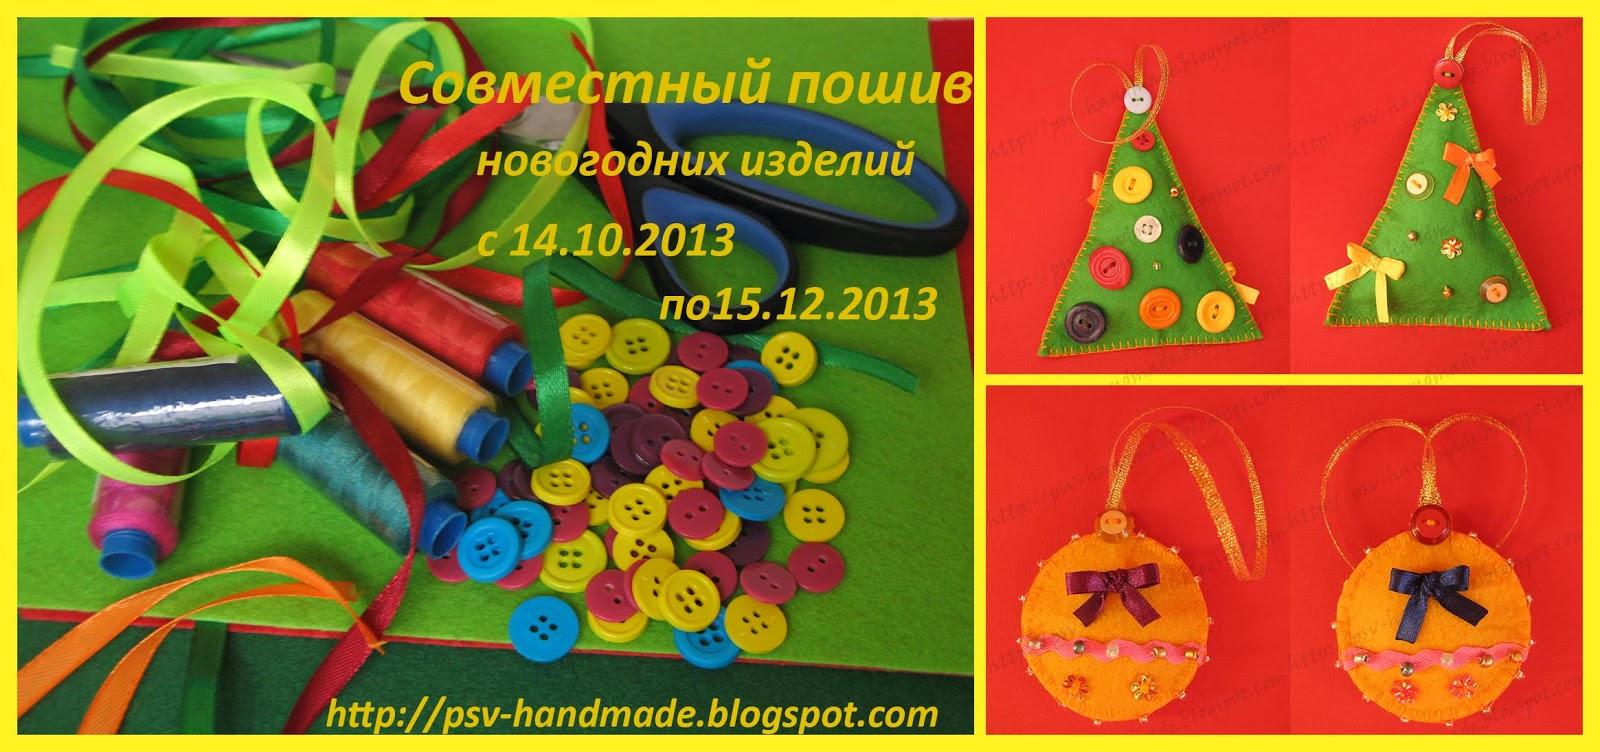 Совместный пошив функциональных изделий к новому году